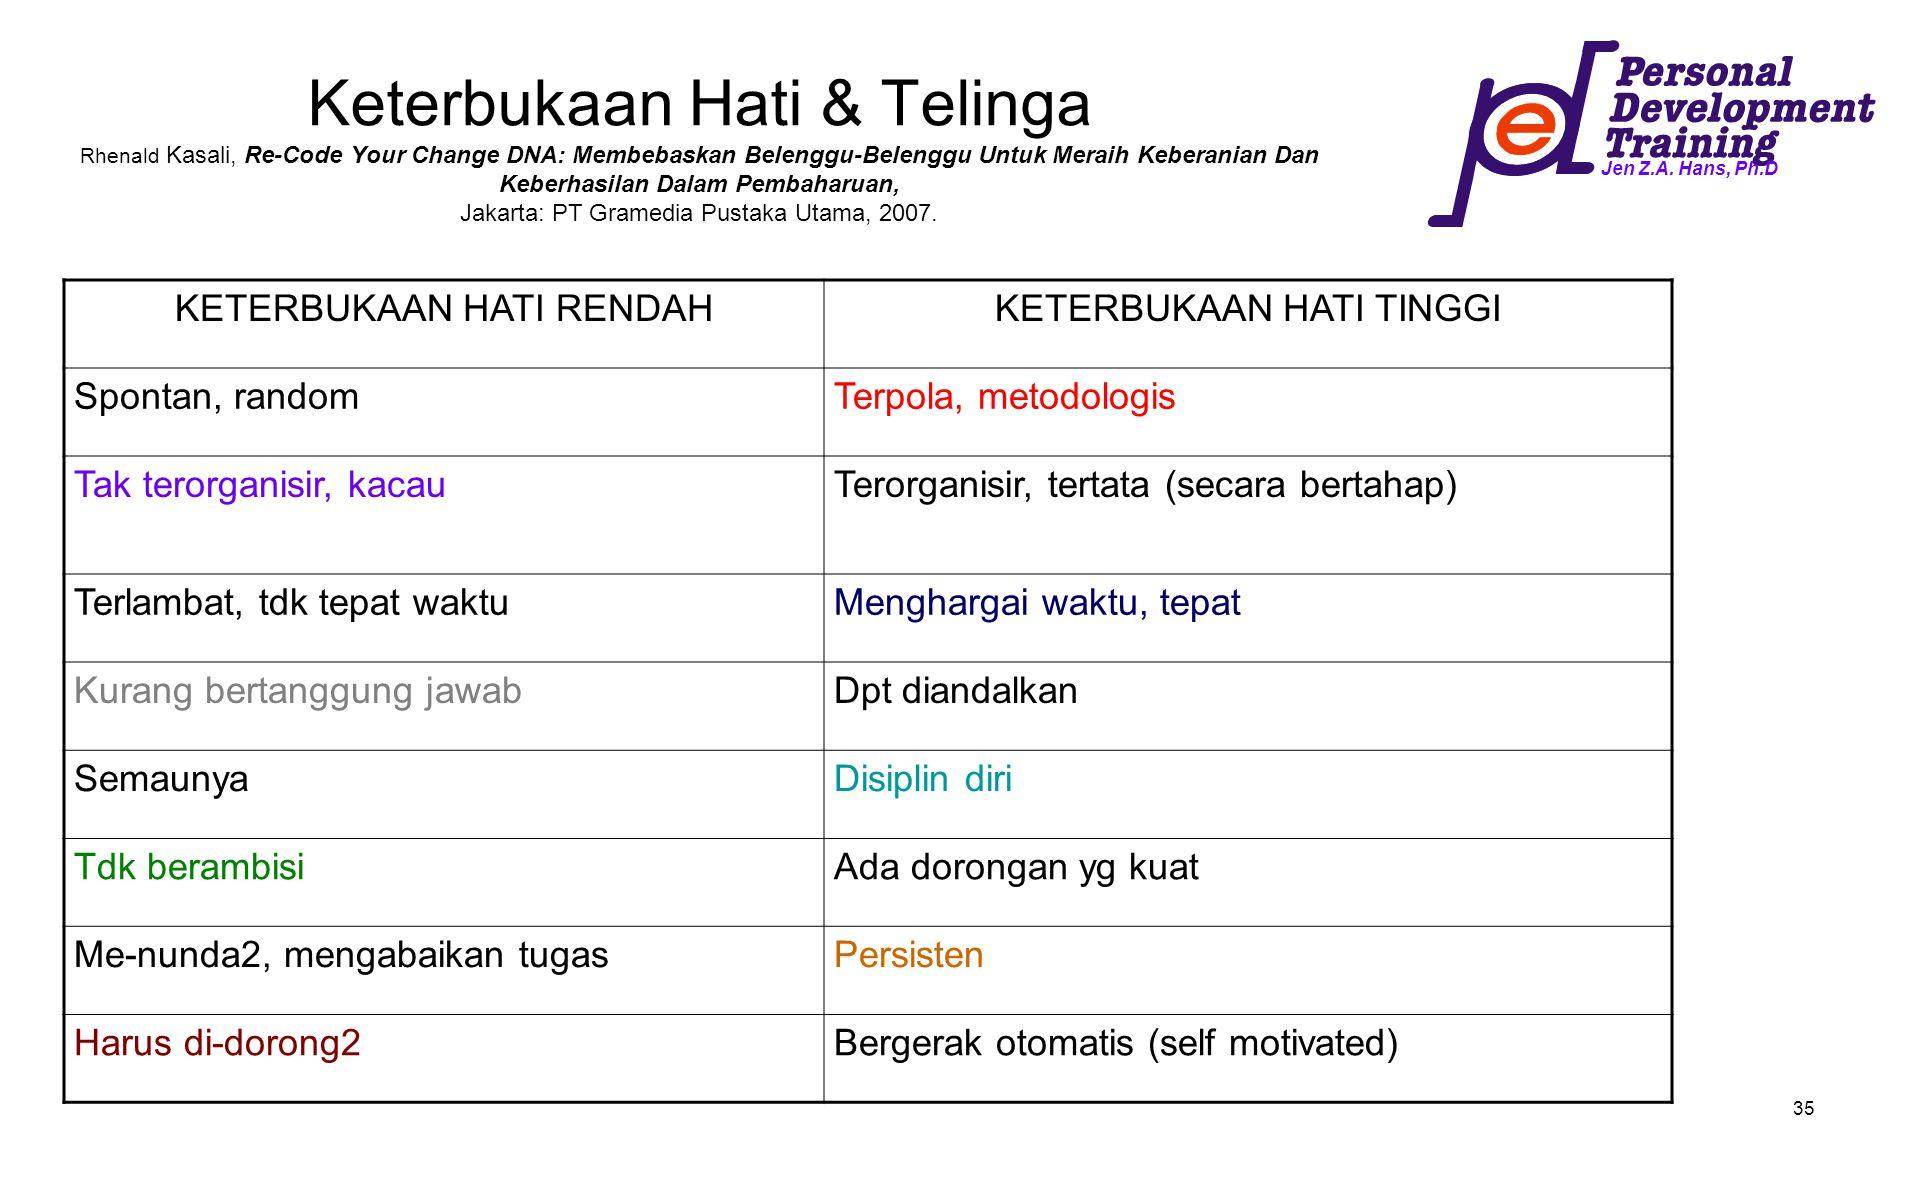 Keterbukaan Hati & Telinga Rhenald Kasali, Re-Code Your Change DNA: Membebaskan Belenggu-Belenggu Untuk Meraih Keberanian Dan Keberhasilan Dalam Pembaharuan, Jakarta: PT Gramedia Pustaka Utama, 2007.